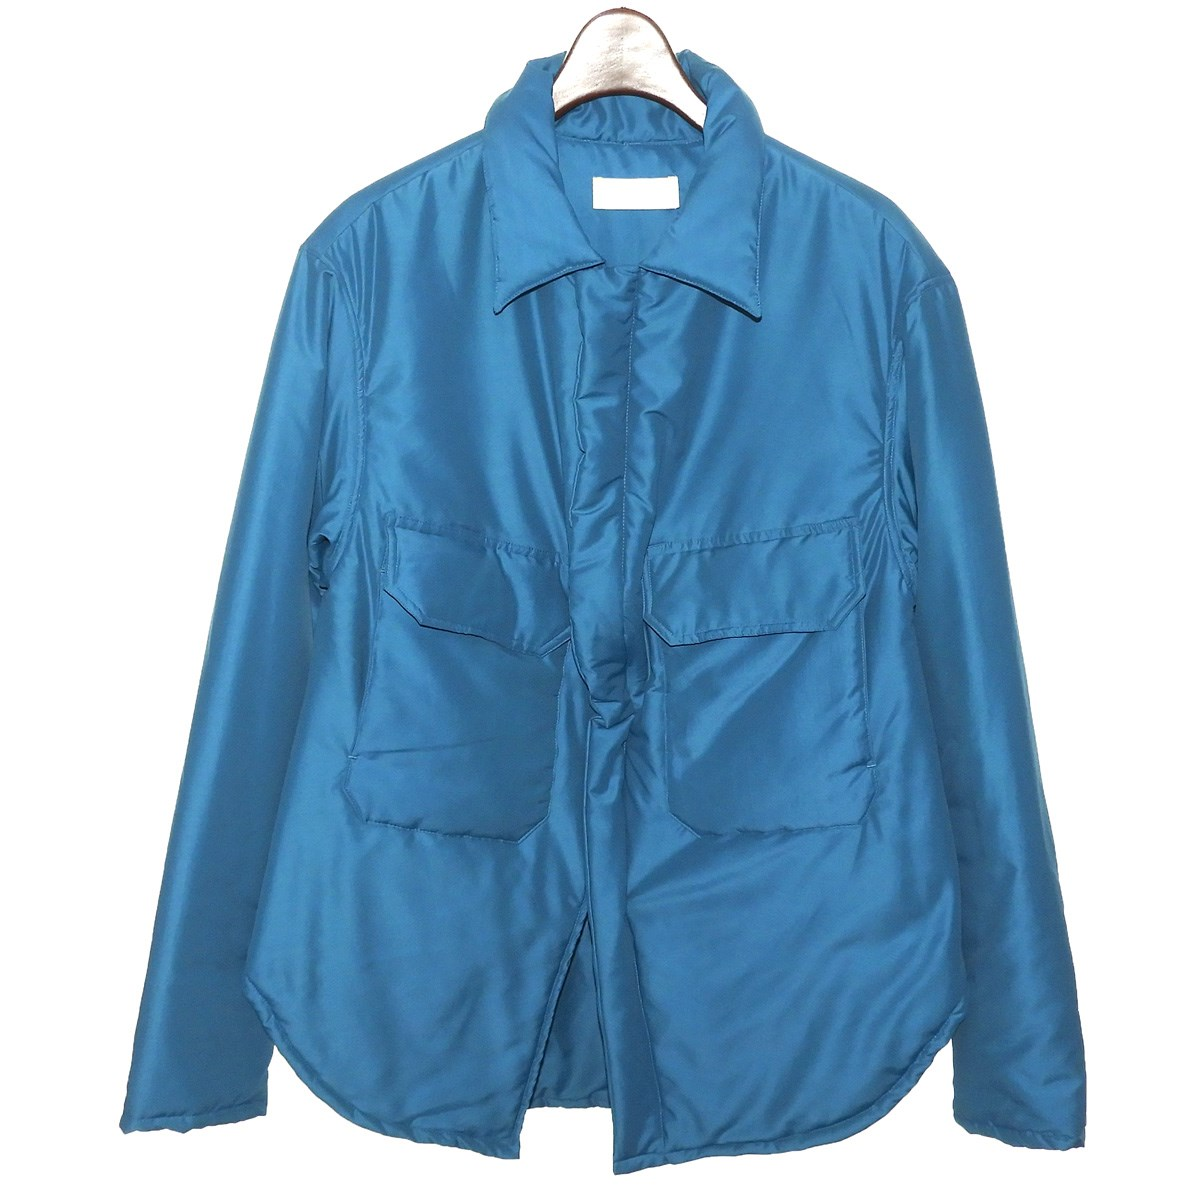 【中古】NEON SIGN 「PADDING JACKET」 パディングジャケット ブルー サイズ:46 【170819】(ネオンサイン)